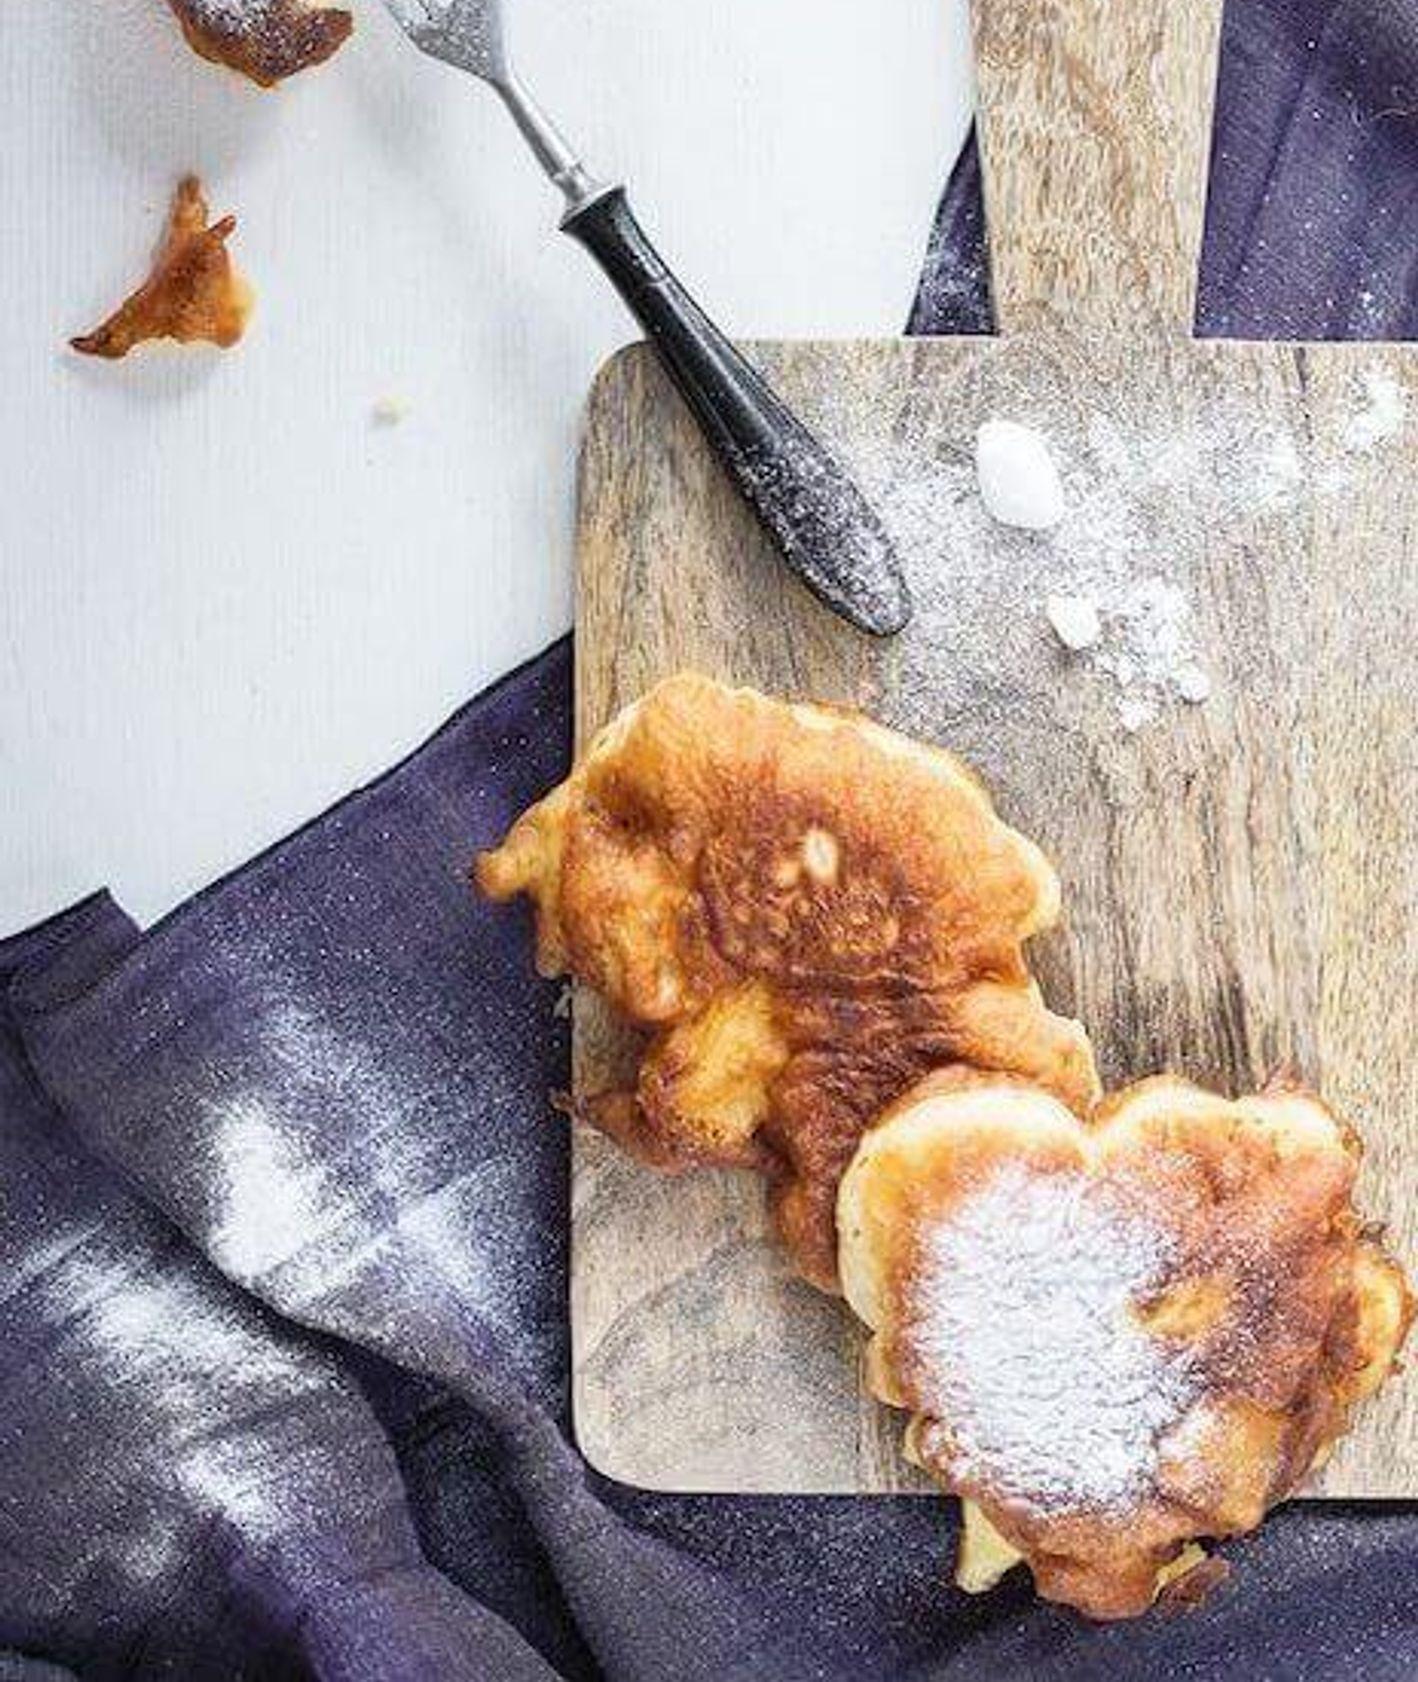 racuchy drożdżowe z jabłkami, placki z jabłkami, gryczane placuszki, placki na drożdżach, puszyste pankejki, domowe racuszki, śniadanie dla dzieci, śniadanie na słodko, placki z owocami